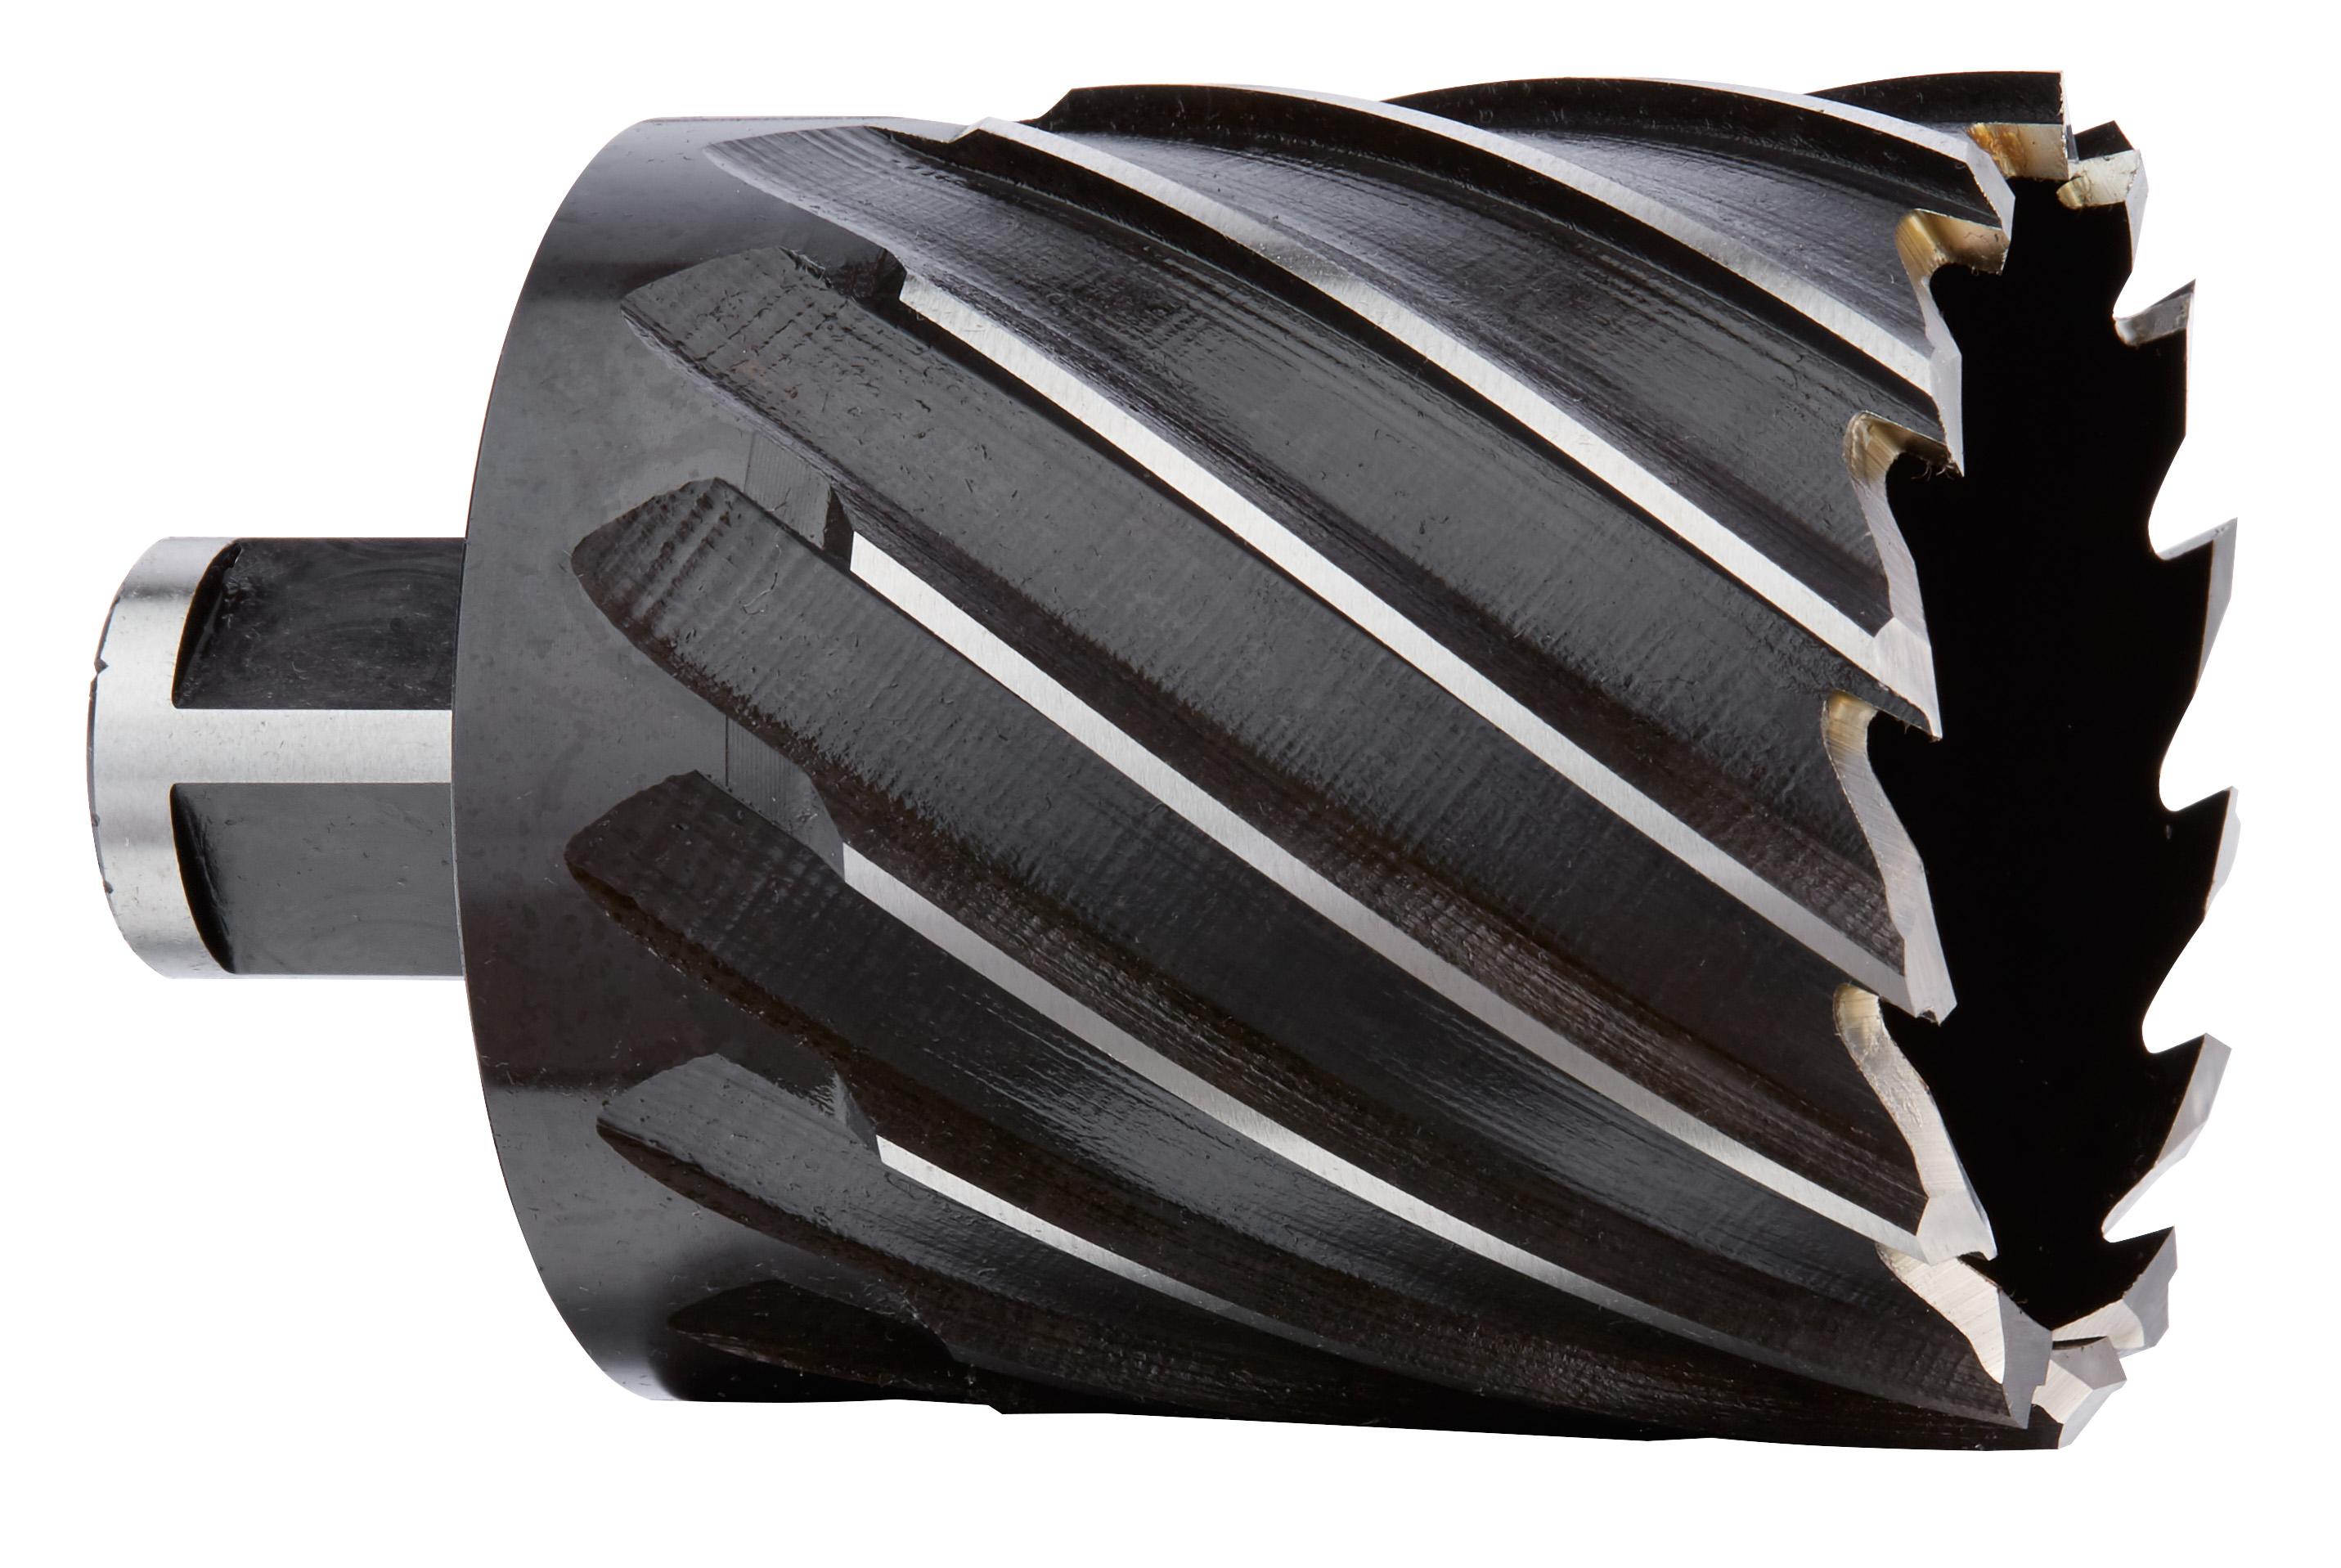 Milwaukee® 49-59-2206 Annular Cutter, 2-1/16 in Dia Cutter, 2 in D Cutting, HSS, Black Oxide, Weldon Shank